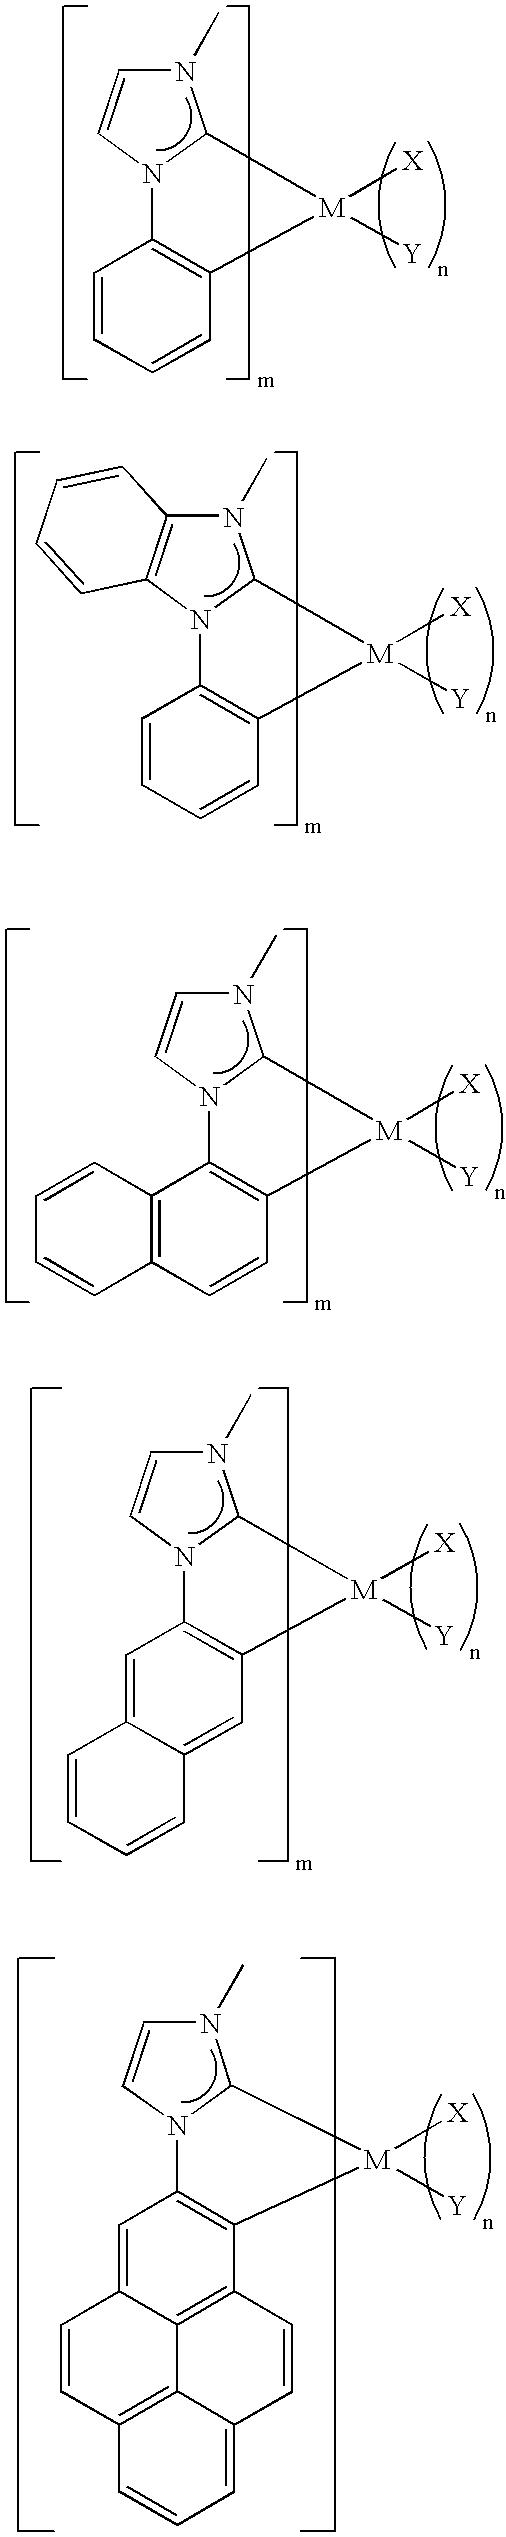 Figure US20050260441A1-20051124-C00057